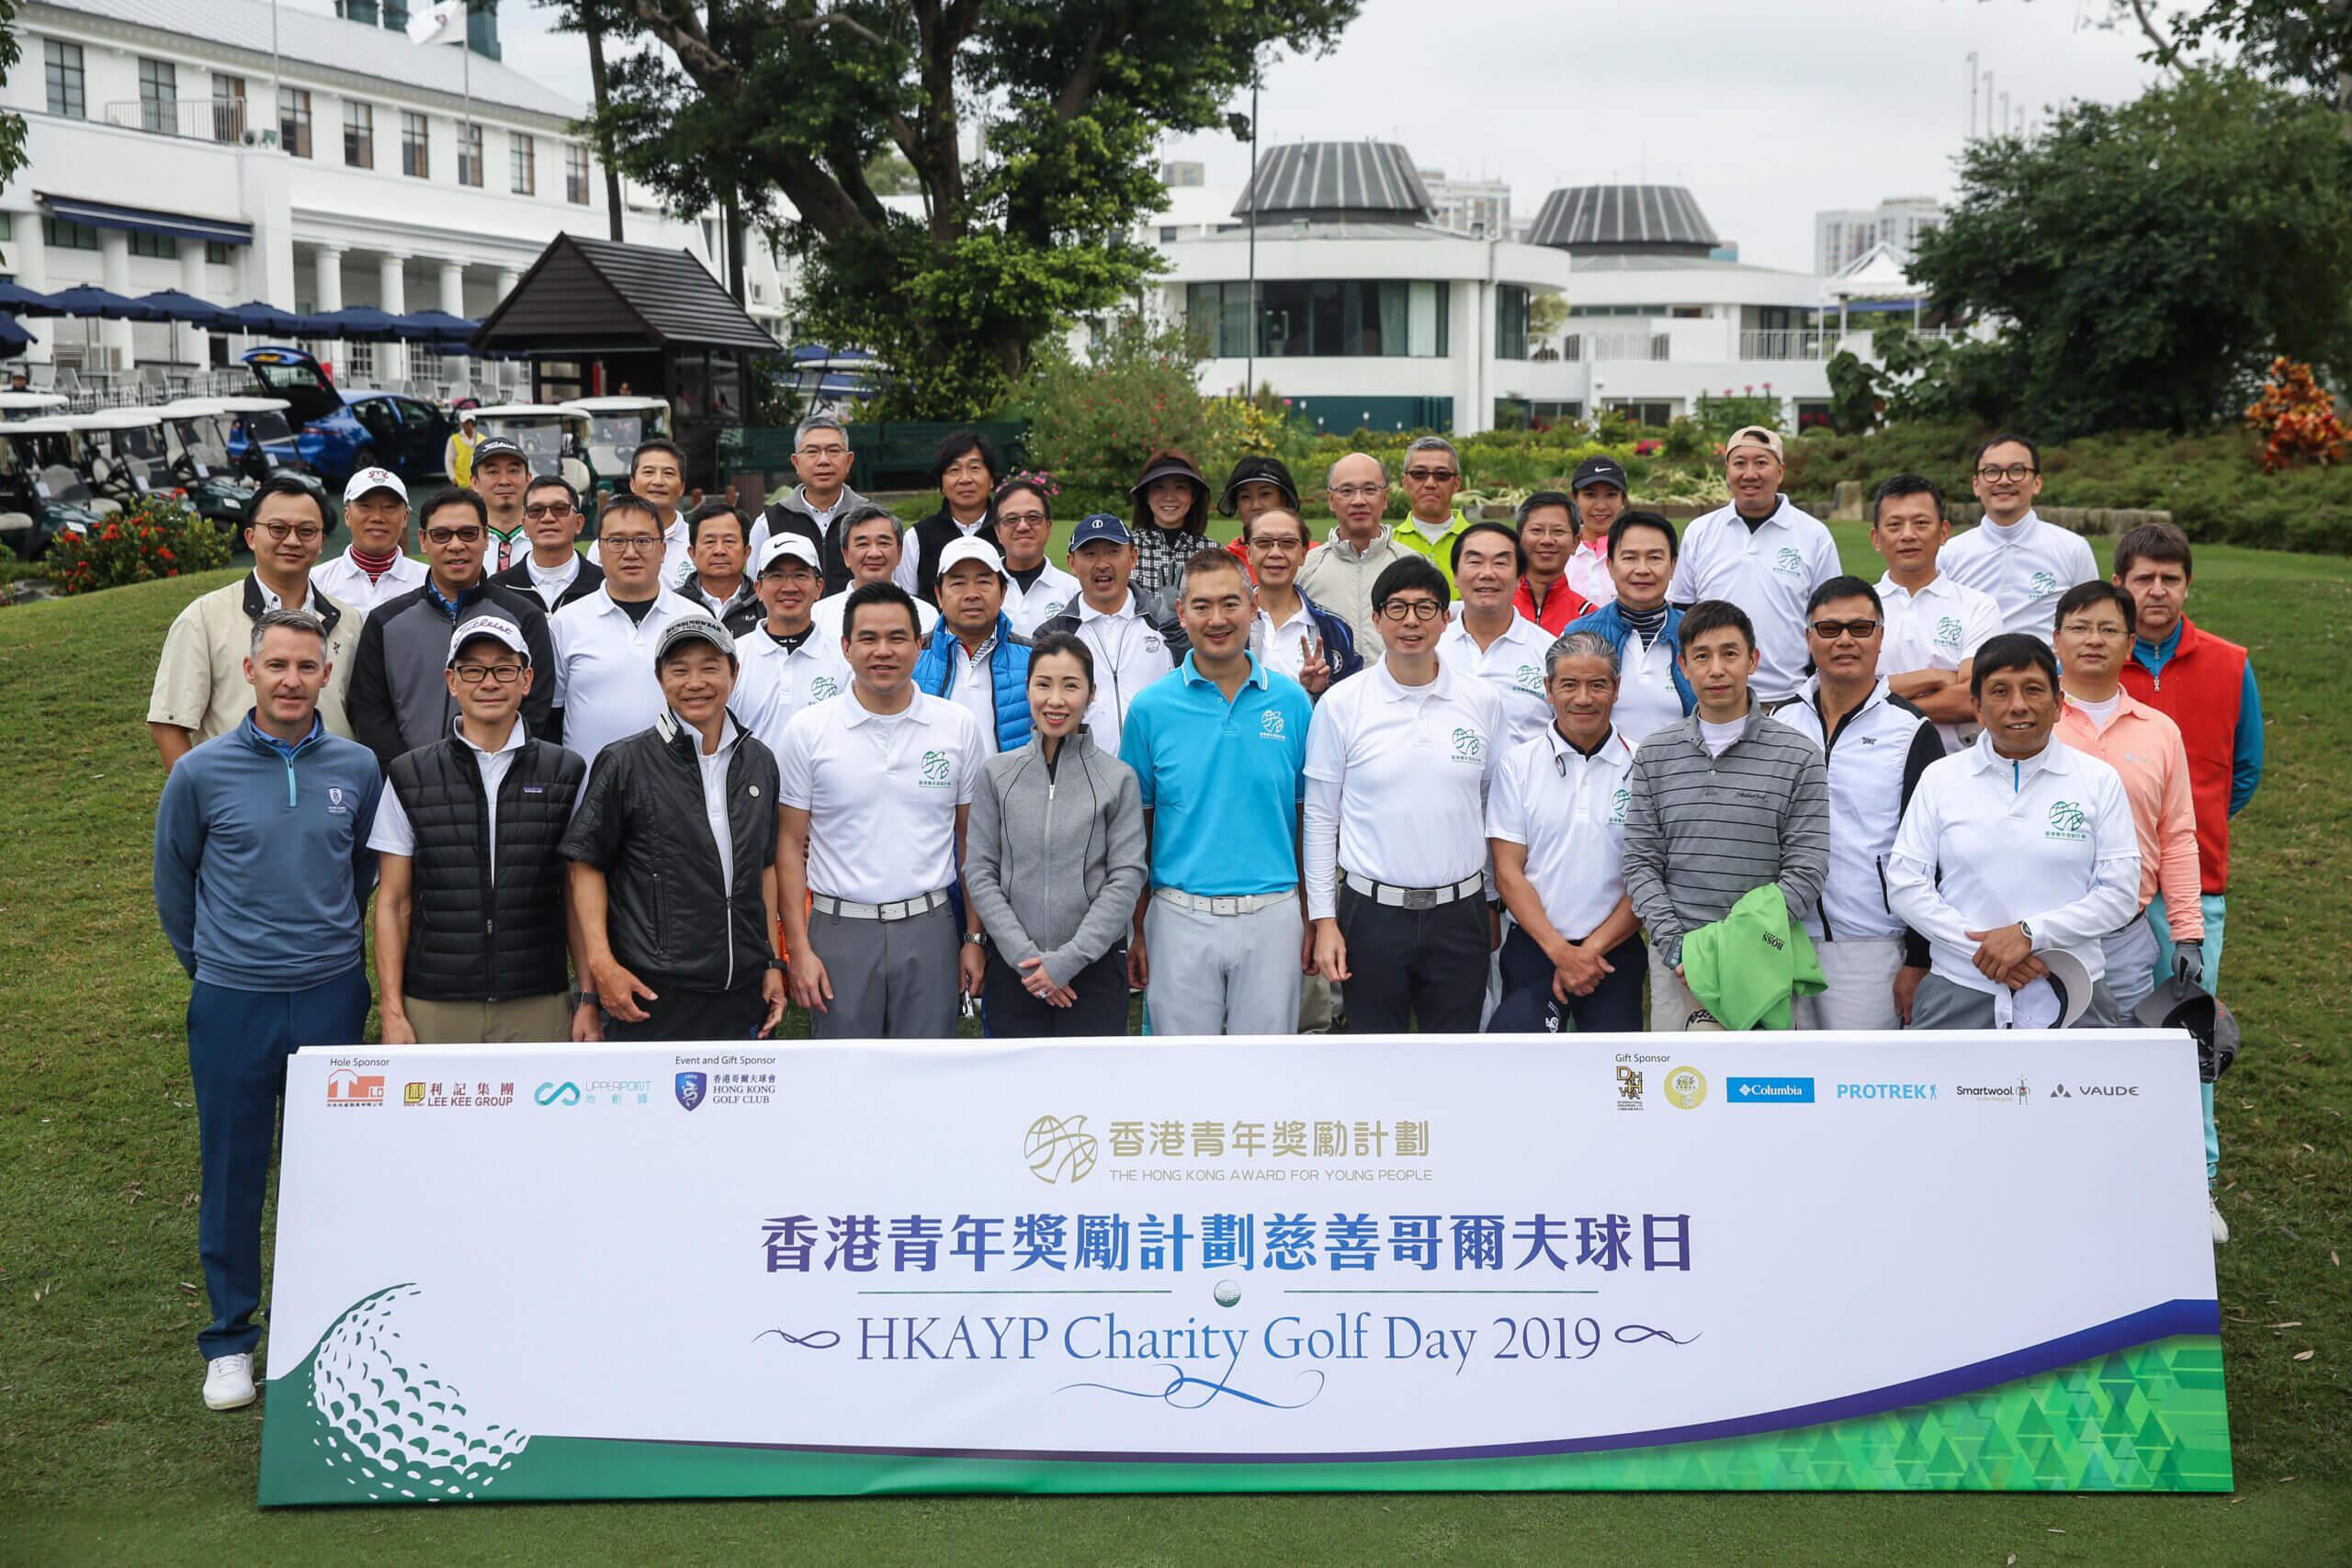 香港青年獎勵計劃慈善哥爾夫球日2019(07/01/2019)